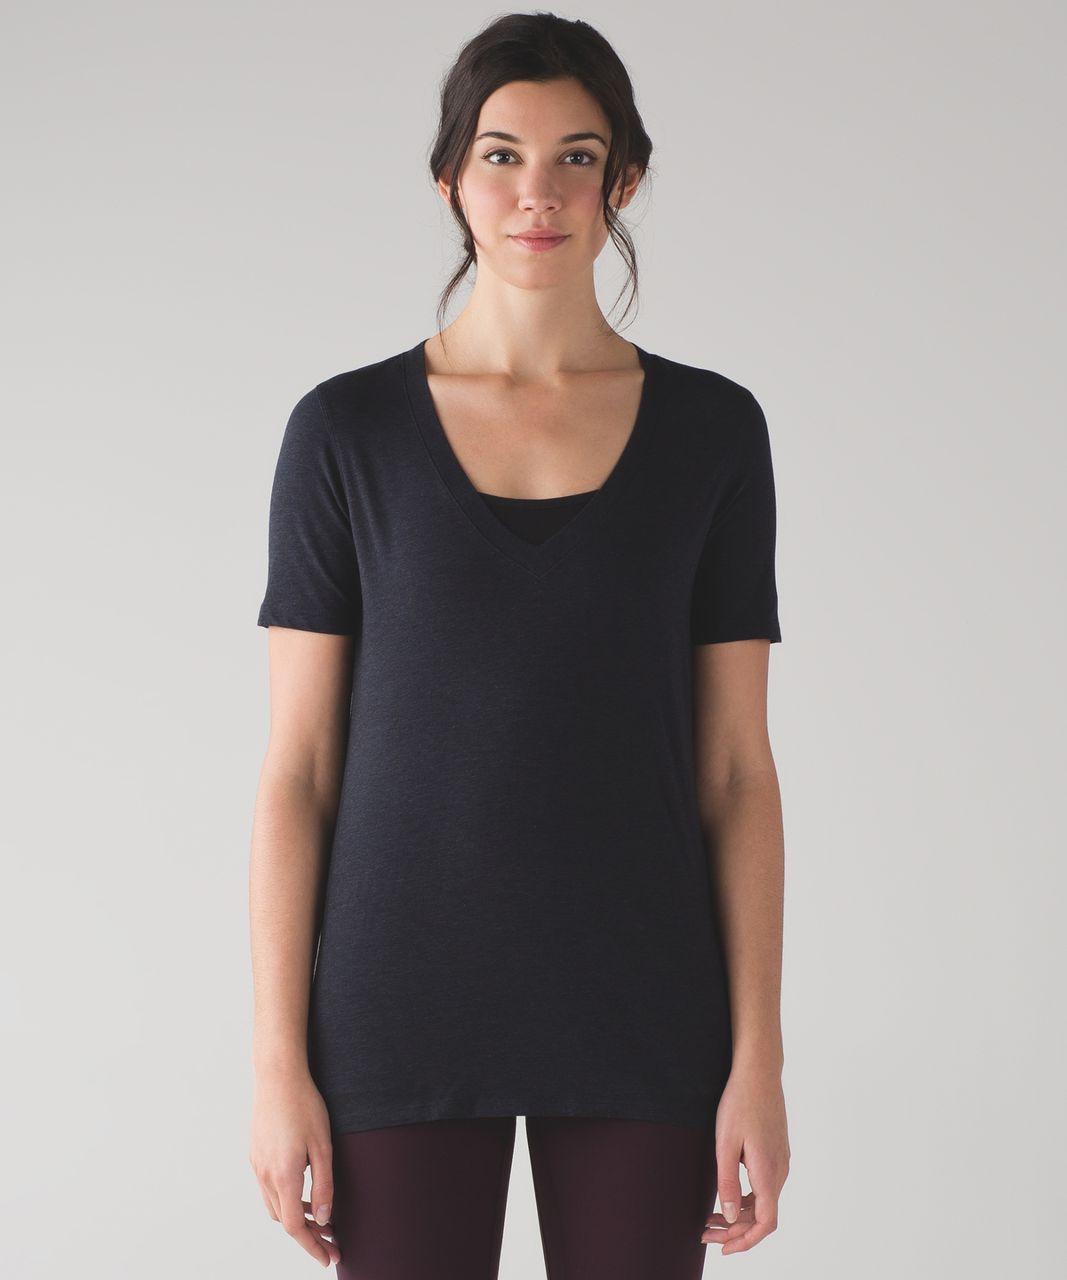 Lululemon Love Tee IV - Mini Stripe Heathered Inkwell Black